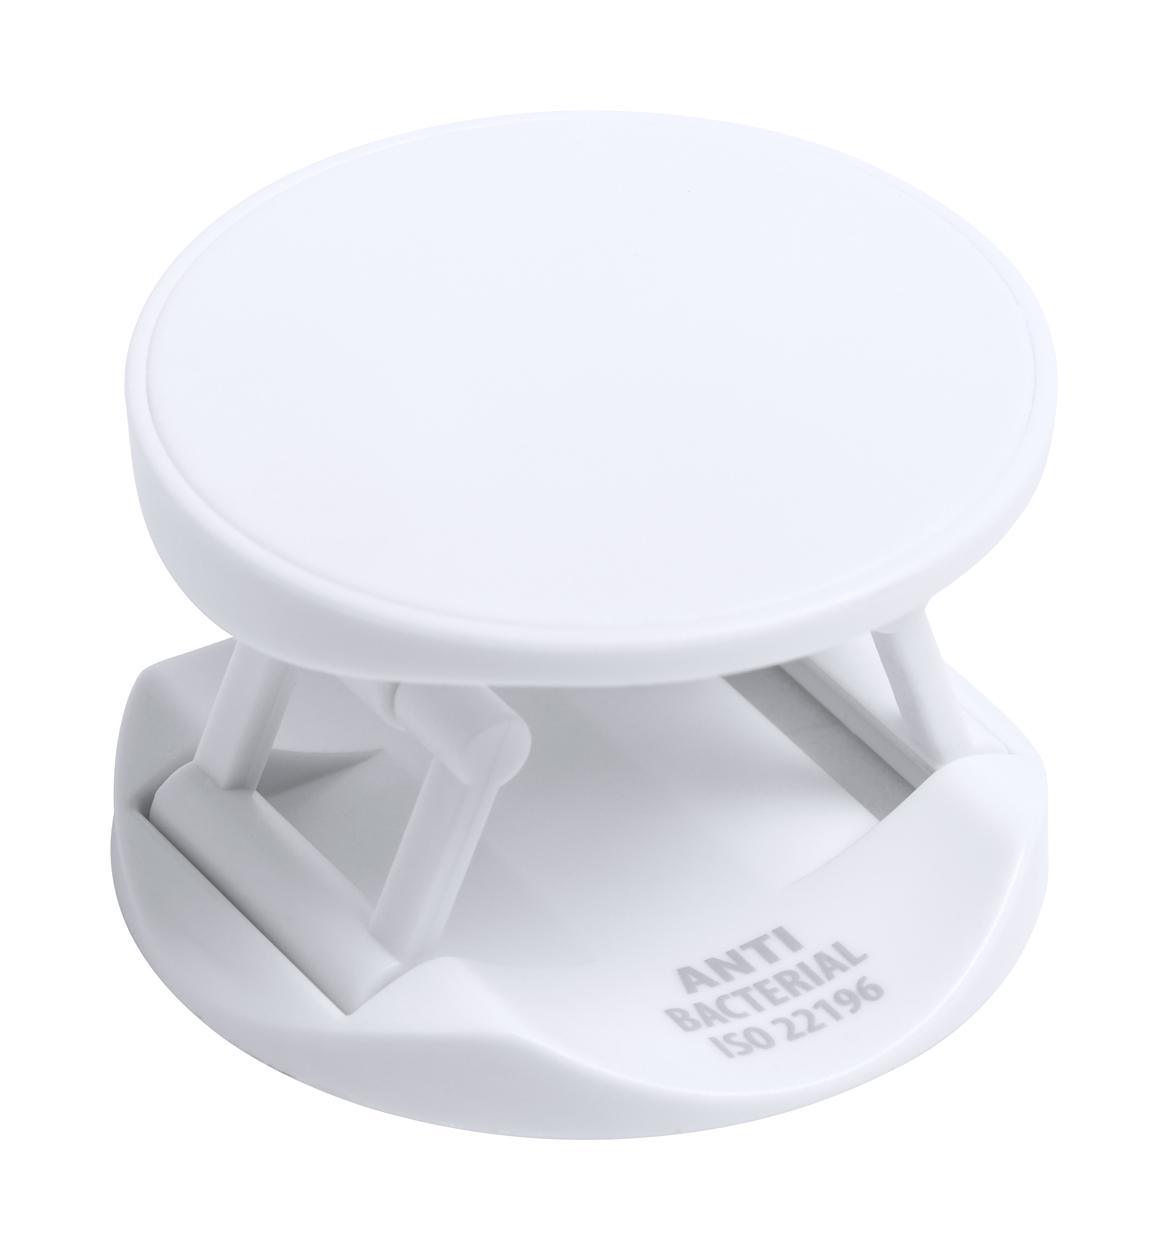 Kumol anti-bacterial mobile holder